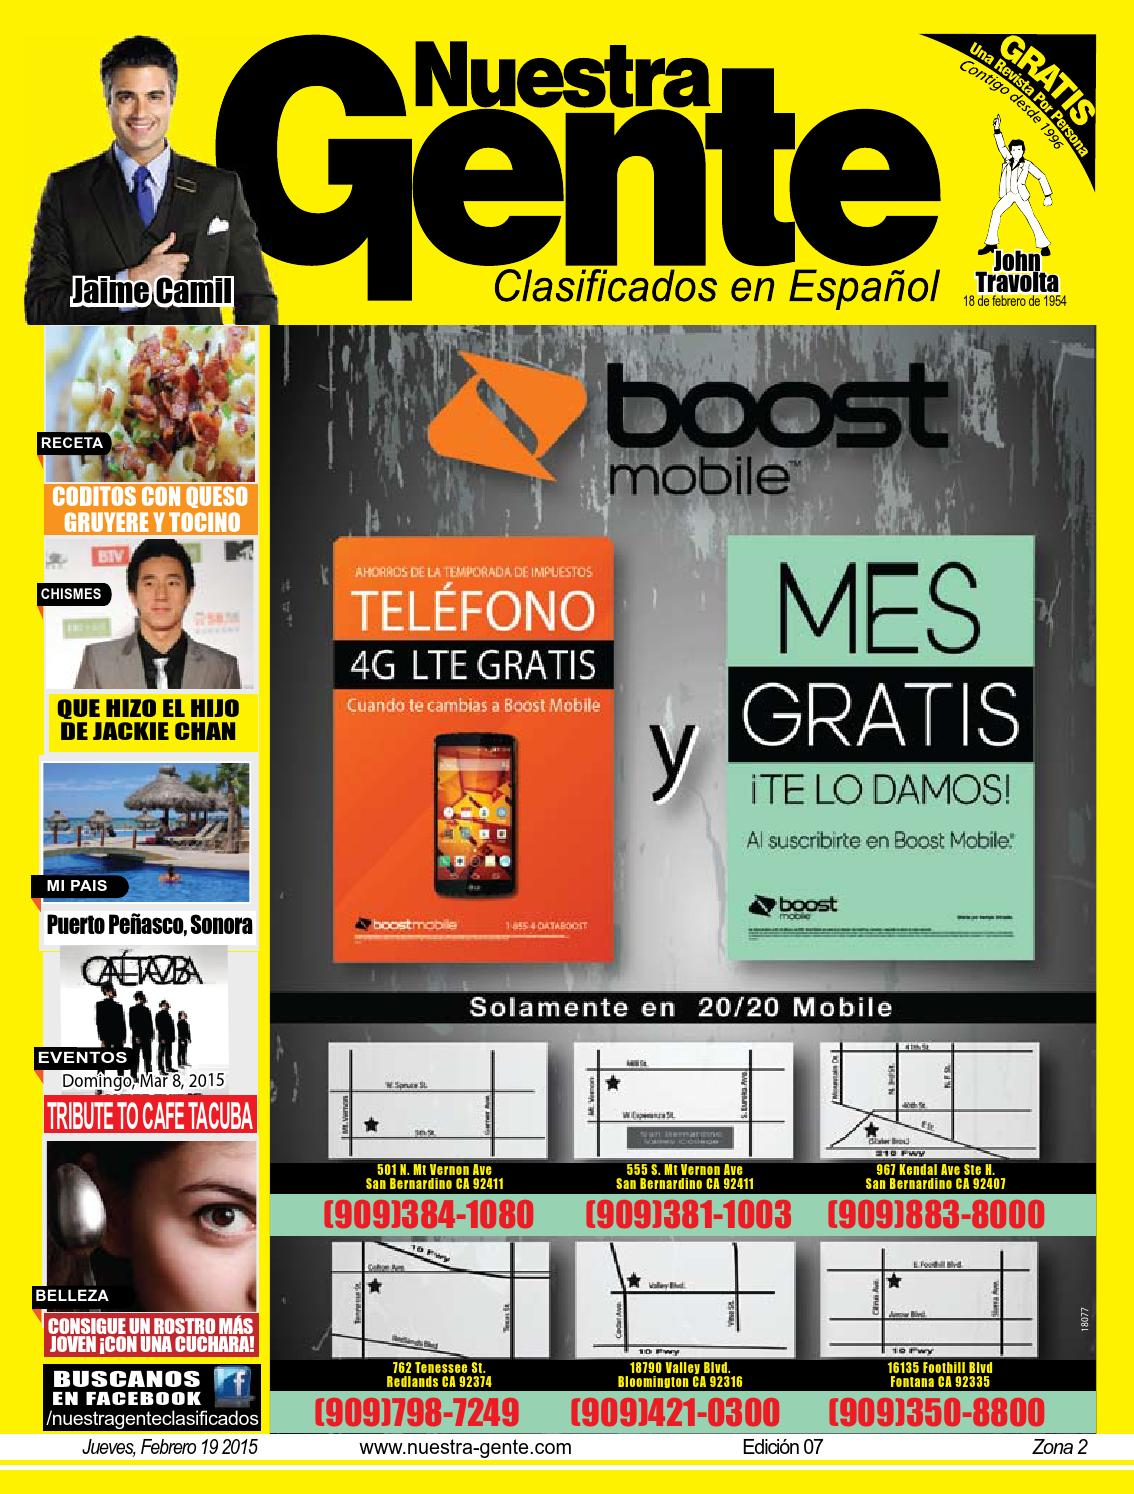 Nuestra Gente 2015 Edicion 7 Zona 2 by Nuestra Gente - issuu